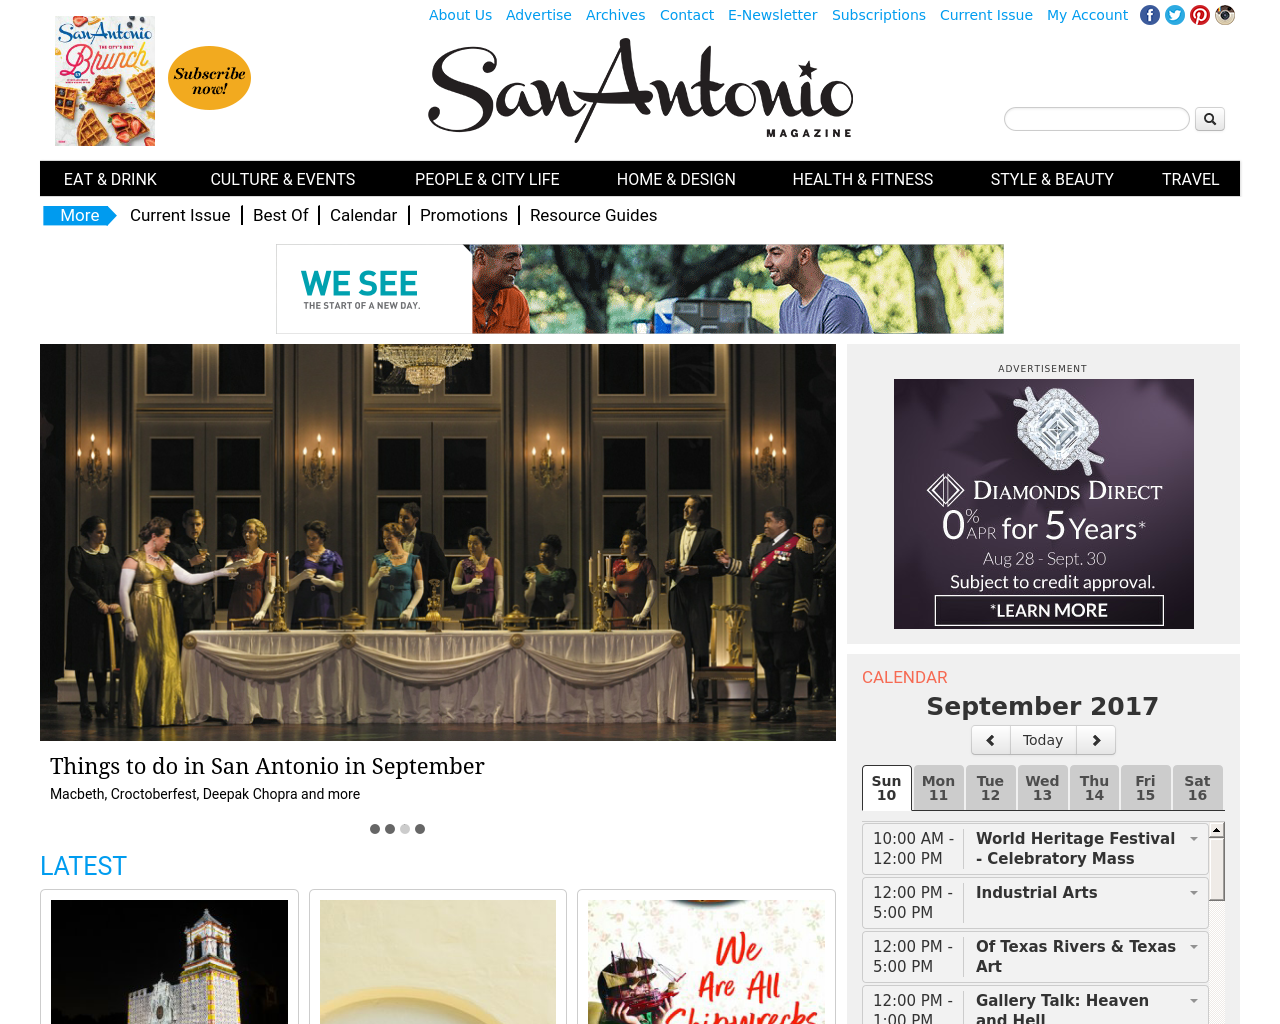 San-Antonio-Magazine-Advertising-Reviews-Pricing